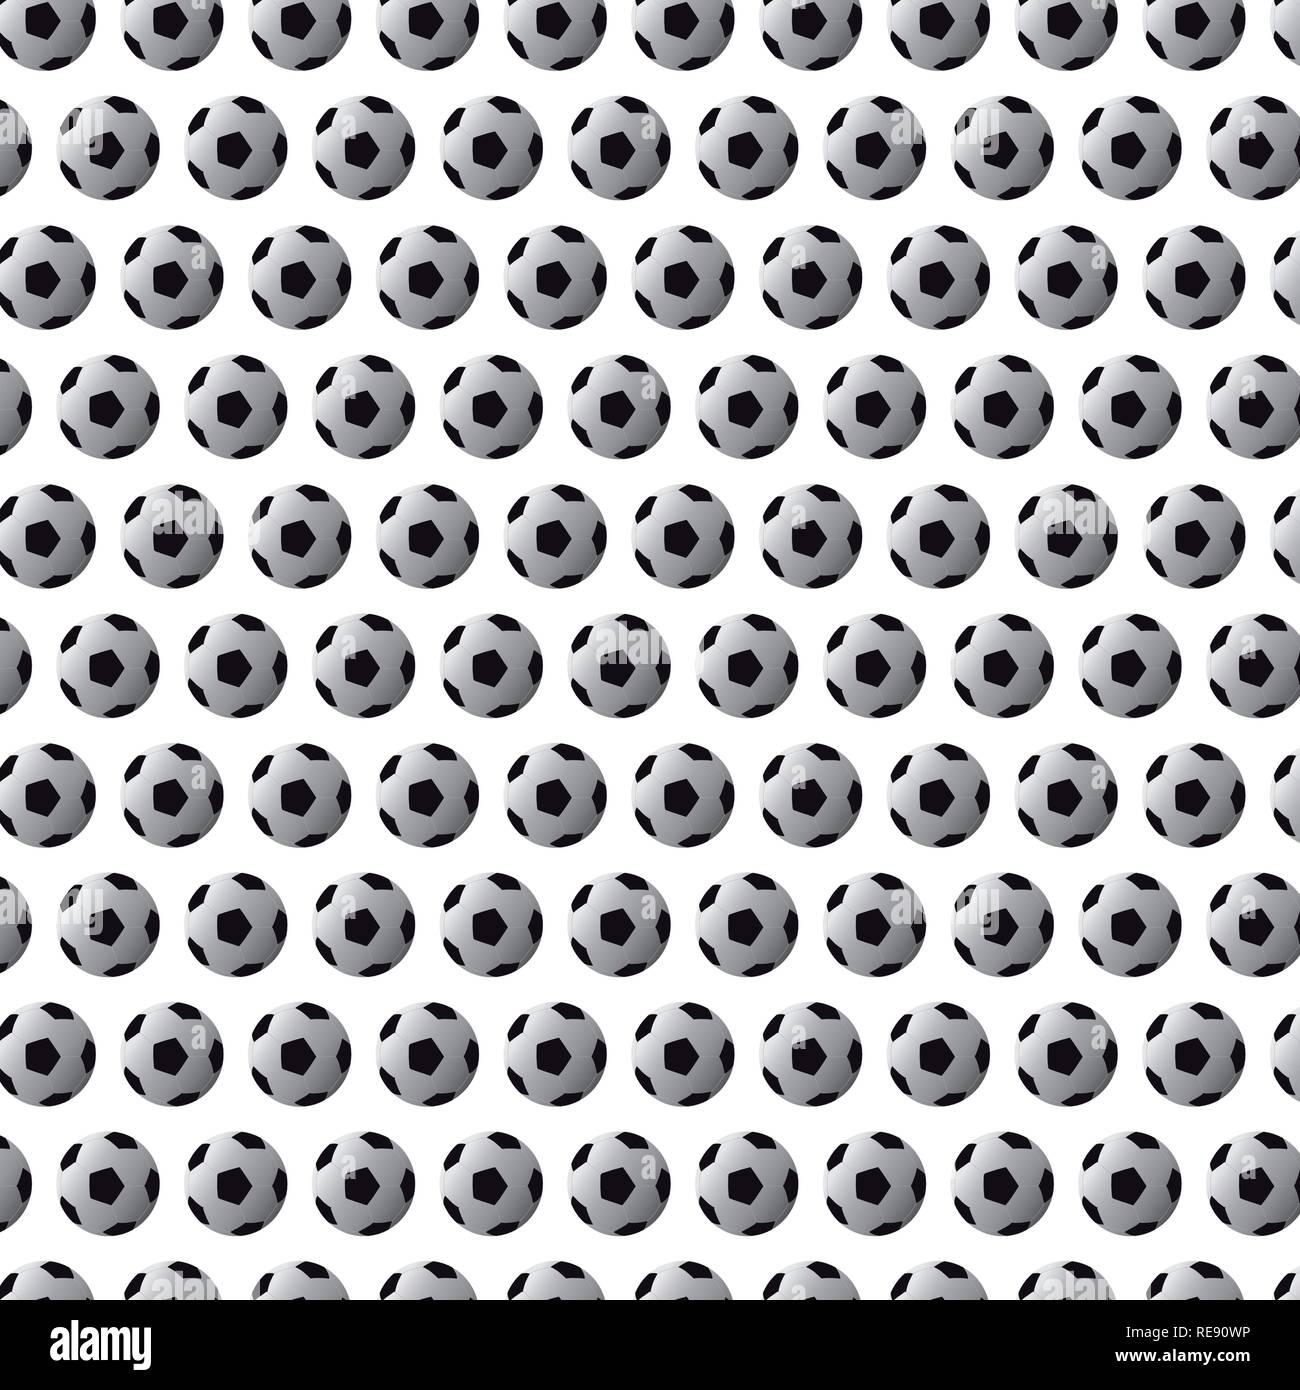 Modèle sans couture avec le soccer (football) balls noir sur fond blanc Photo Stock